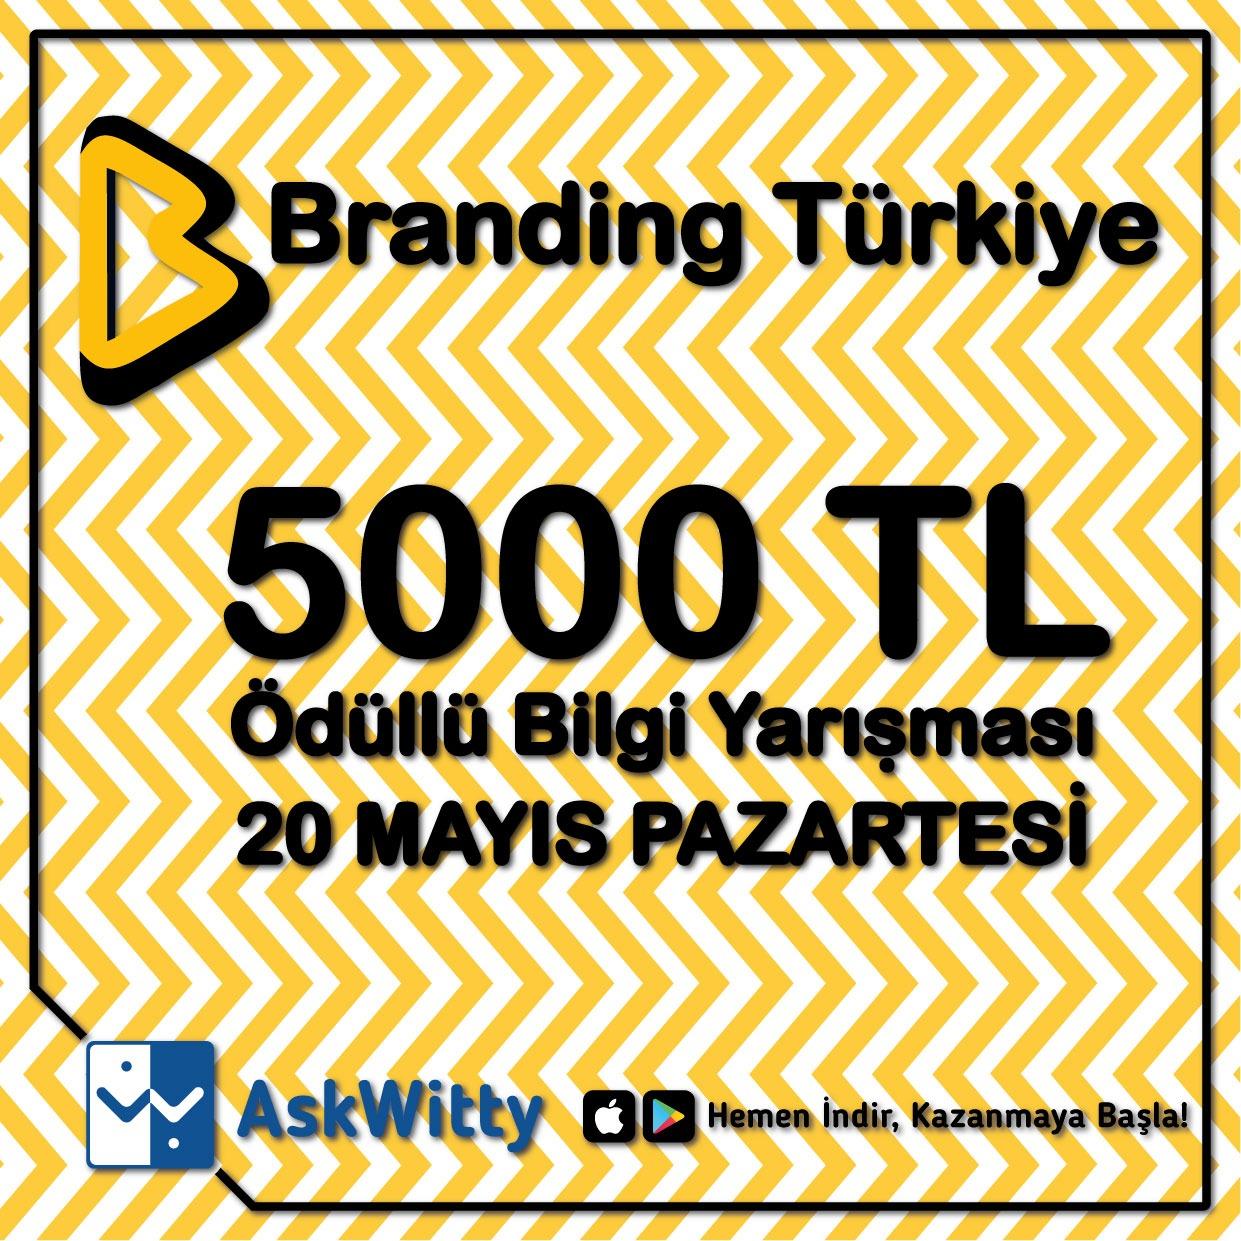 Branding Türkiye 20 Mayıs